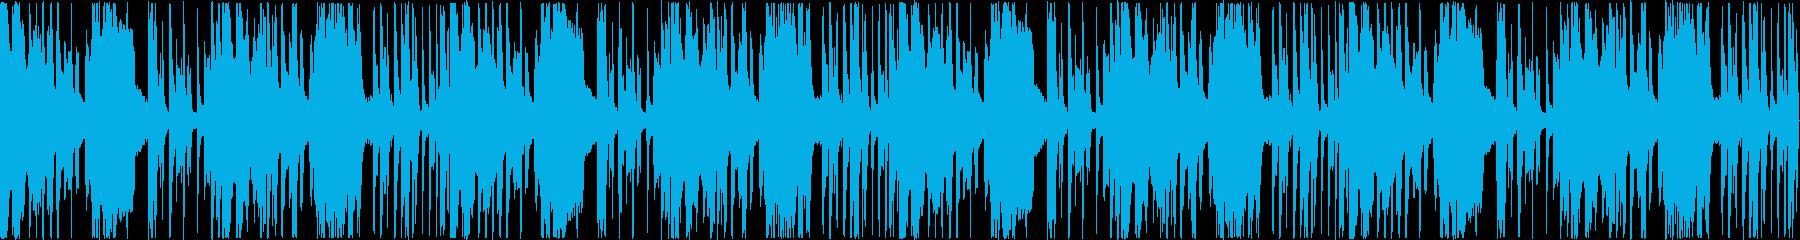 落ち着きとかわいらしさのある楽曲の再生済みの波形